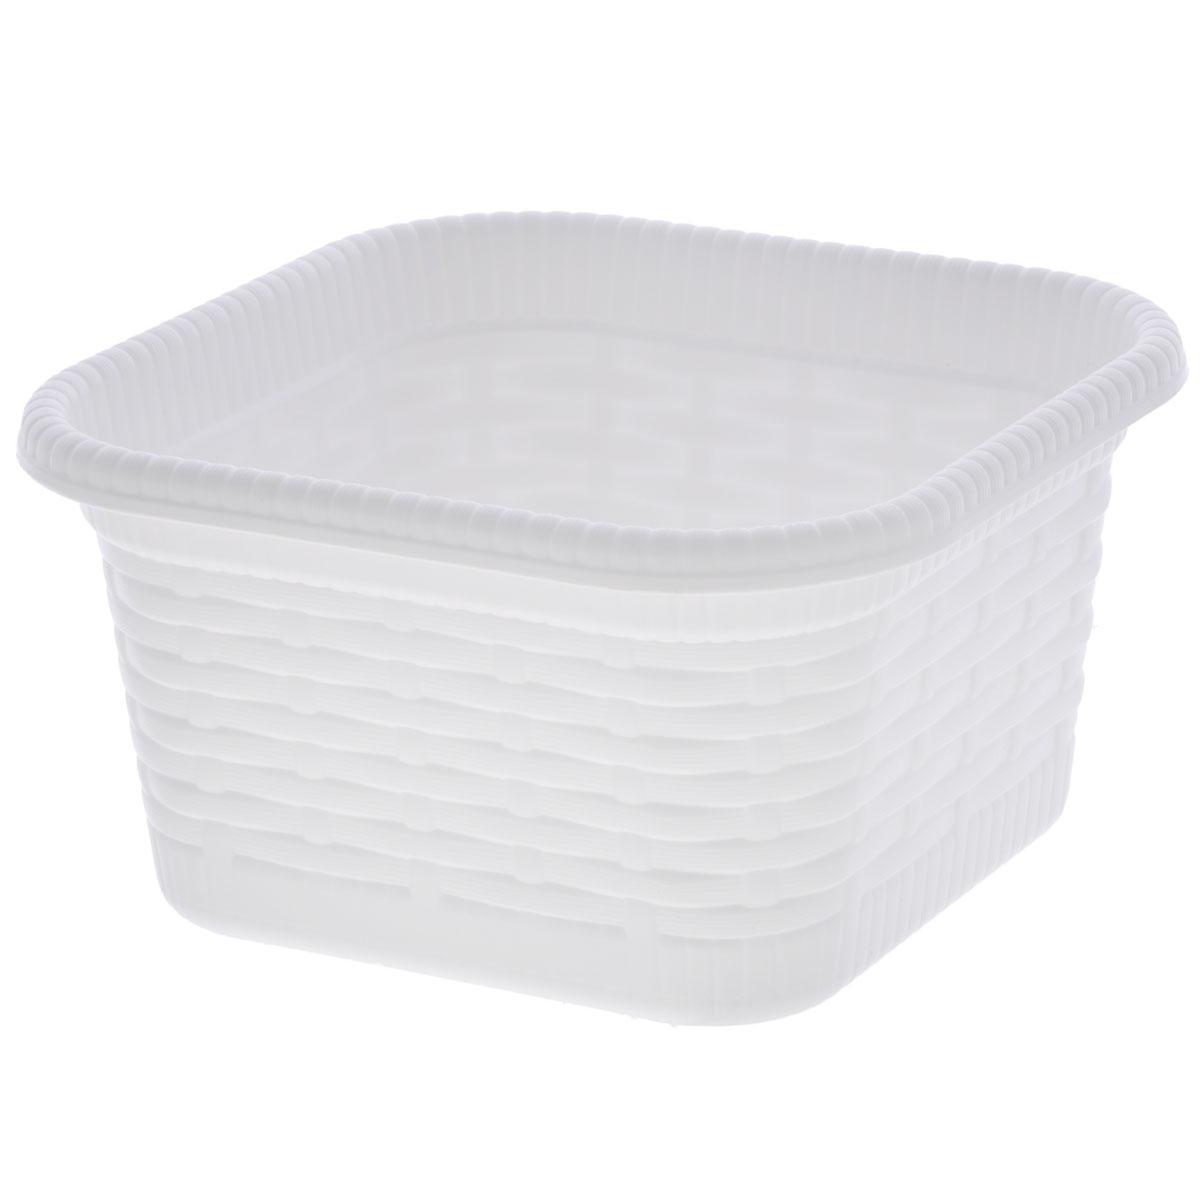 Корзина хозяйственная Gensini Rattan, цвет: белый, 15 х 15 х 8 см12723Корзина хозяйственная Gensini Rattan, выполненная из пластика, предназначена для хранения мелочей в ванной, на кухне, на даче или в гараже, исключая возможность их потери. Легкая воздушная корзина выполнена под плетенку и оснащена жесткой кромкой. Элегантный дизайн подойдет к интерьеру любого дома.